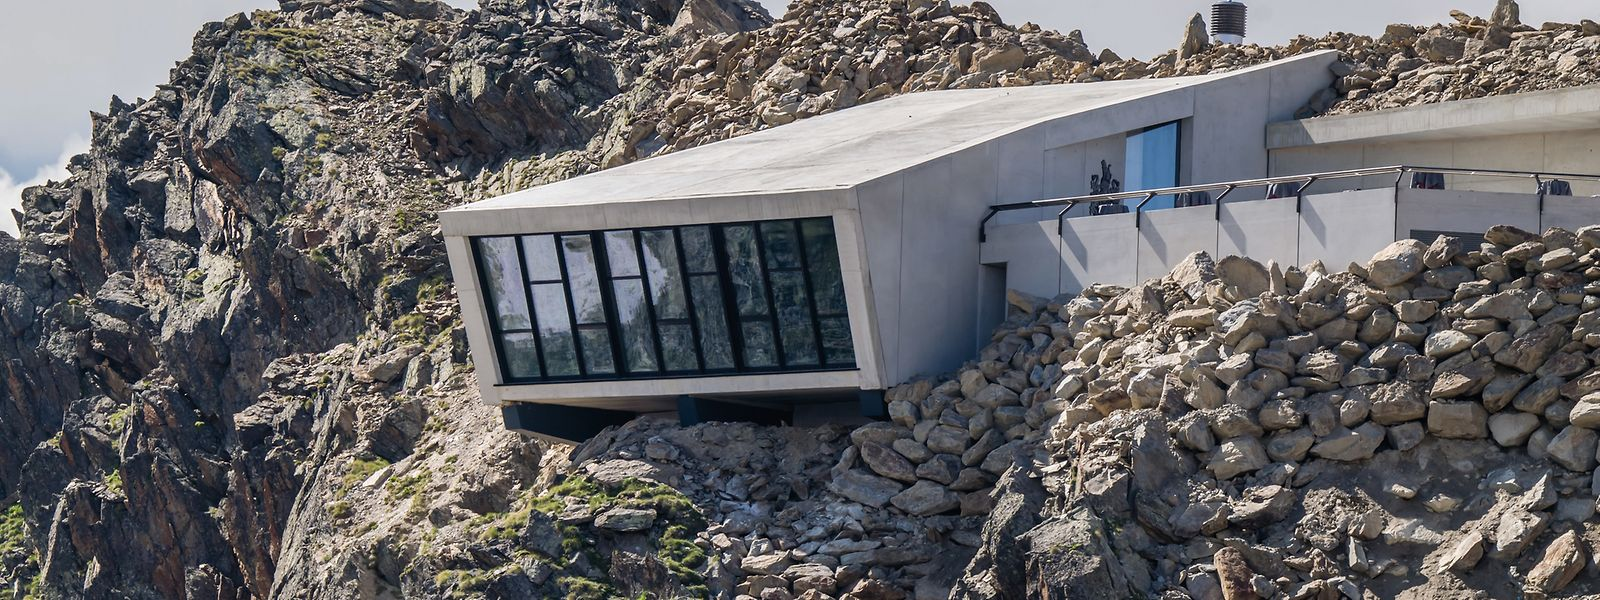 """Im Inneren eine Multimedia-Ausstellung, draußen raue Berglandschaft: Die Erlebniswelt """"007 Elements"""" auf dem Gipfel des Gaislachkogl kann nur mit der Seilbahn erreicht werden."""